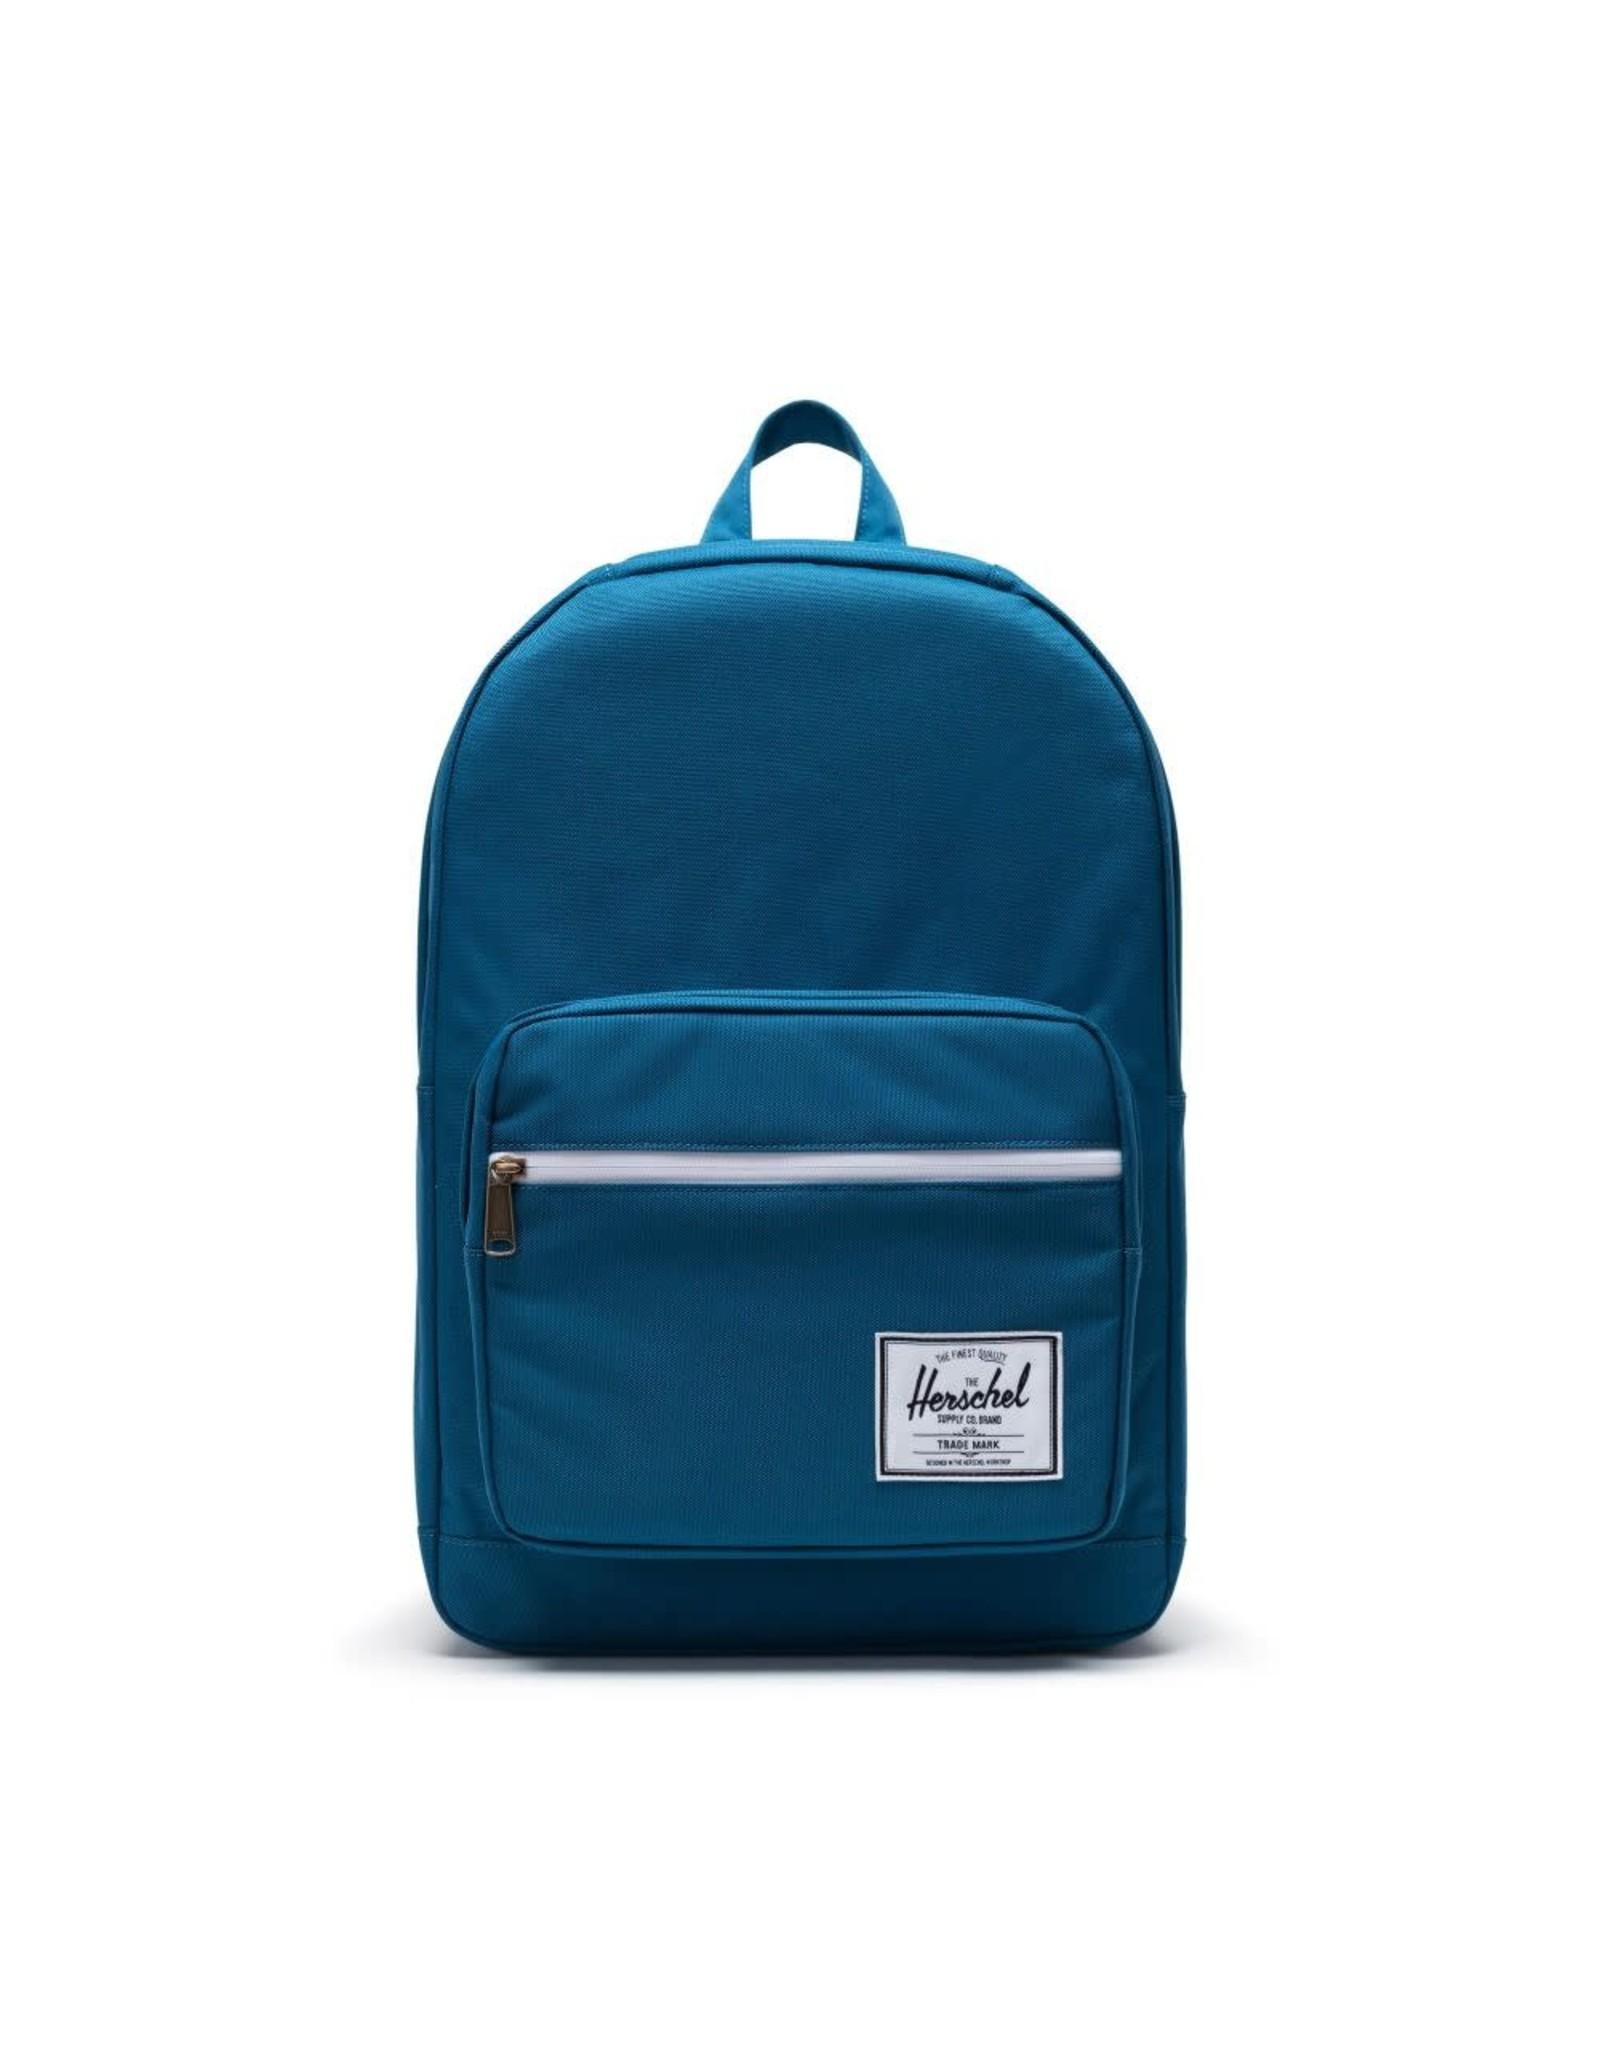 Herschel Pop Quiz Bag